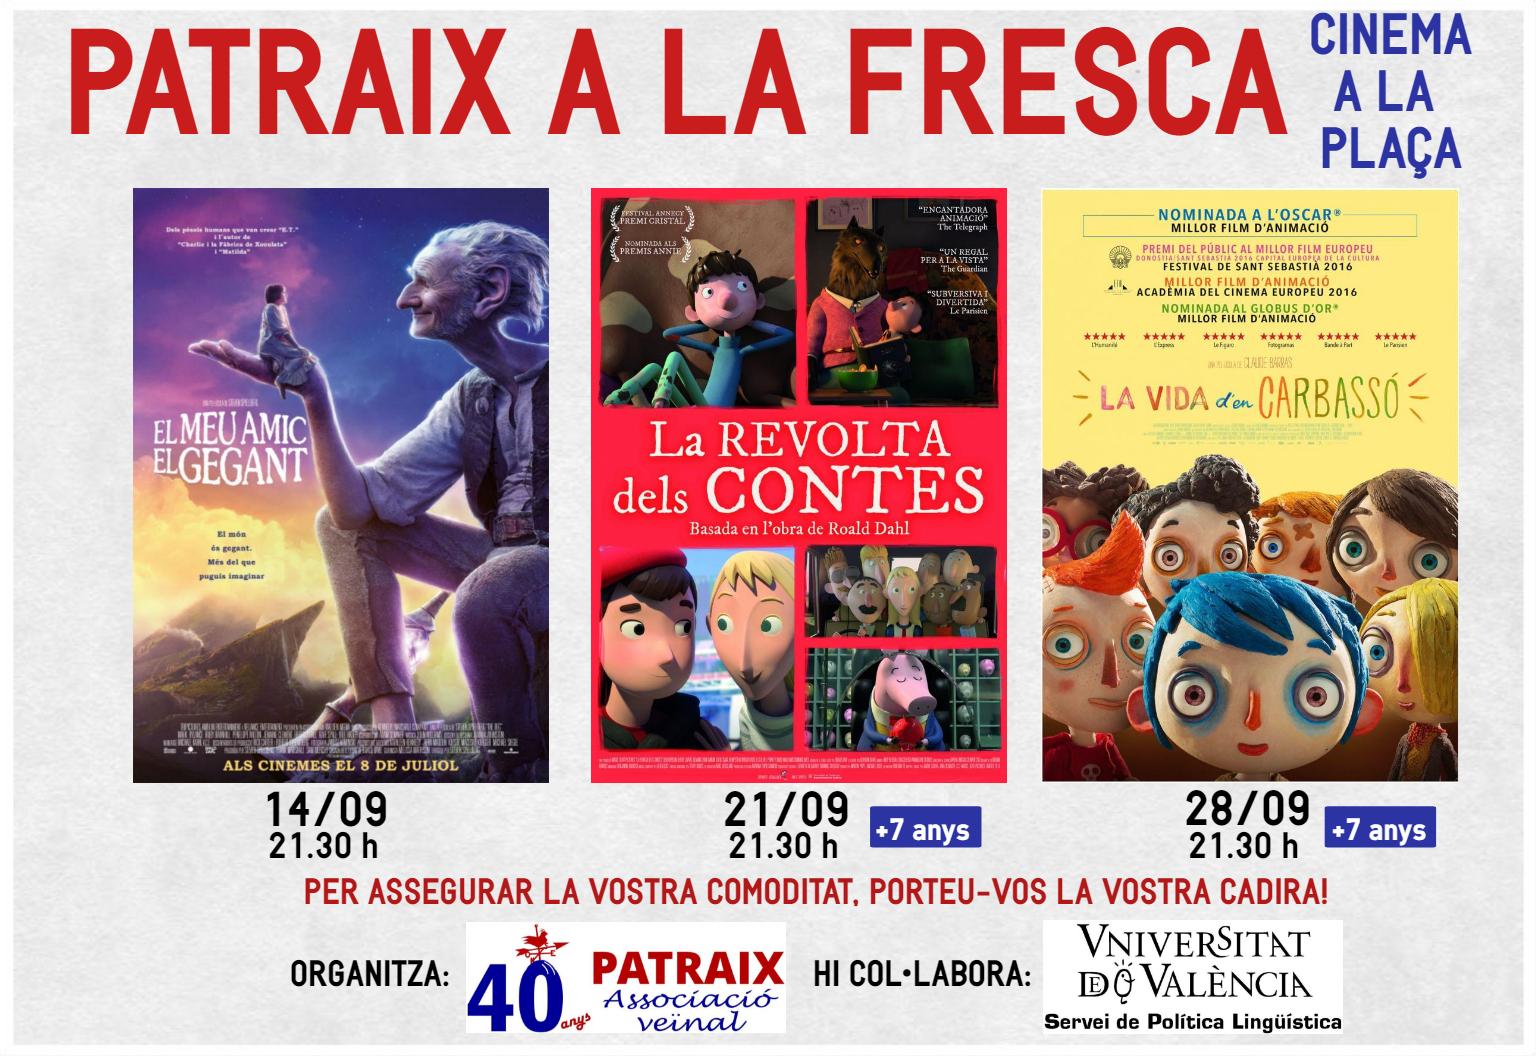 PATRAIX A LA FRESCA 2018